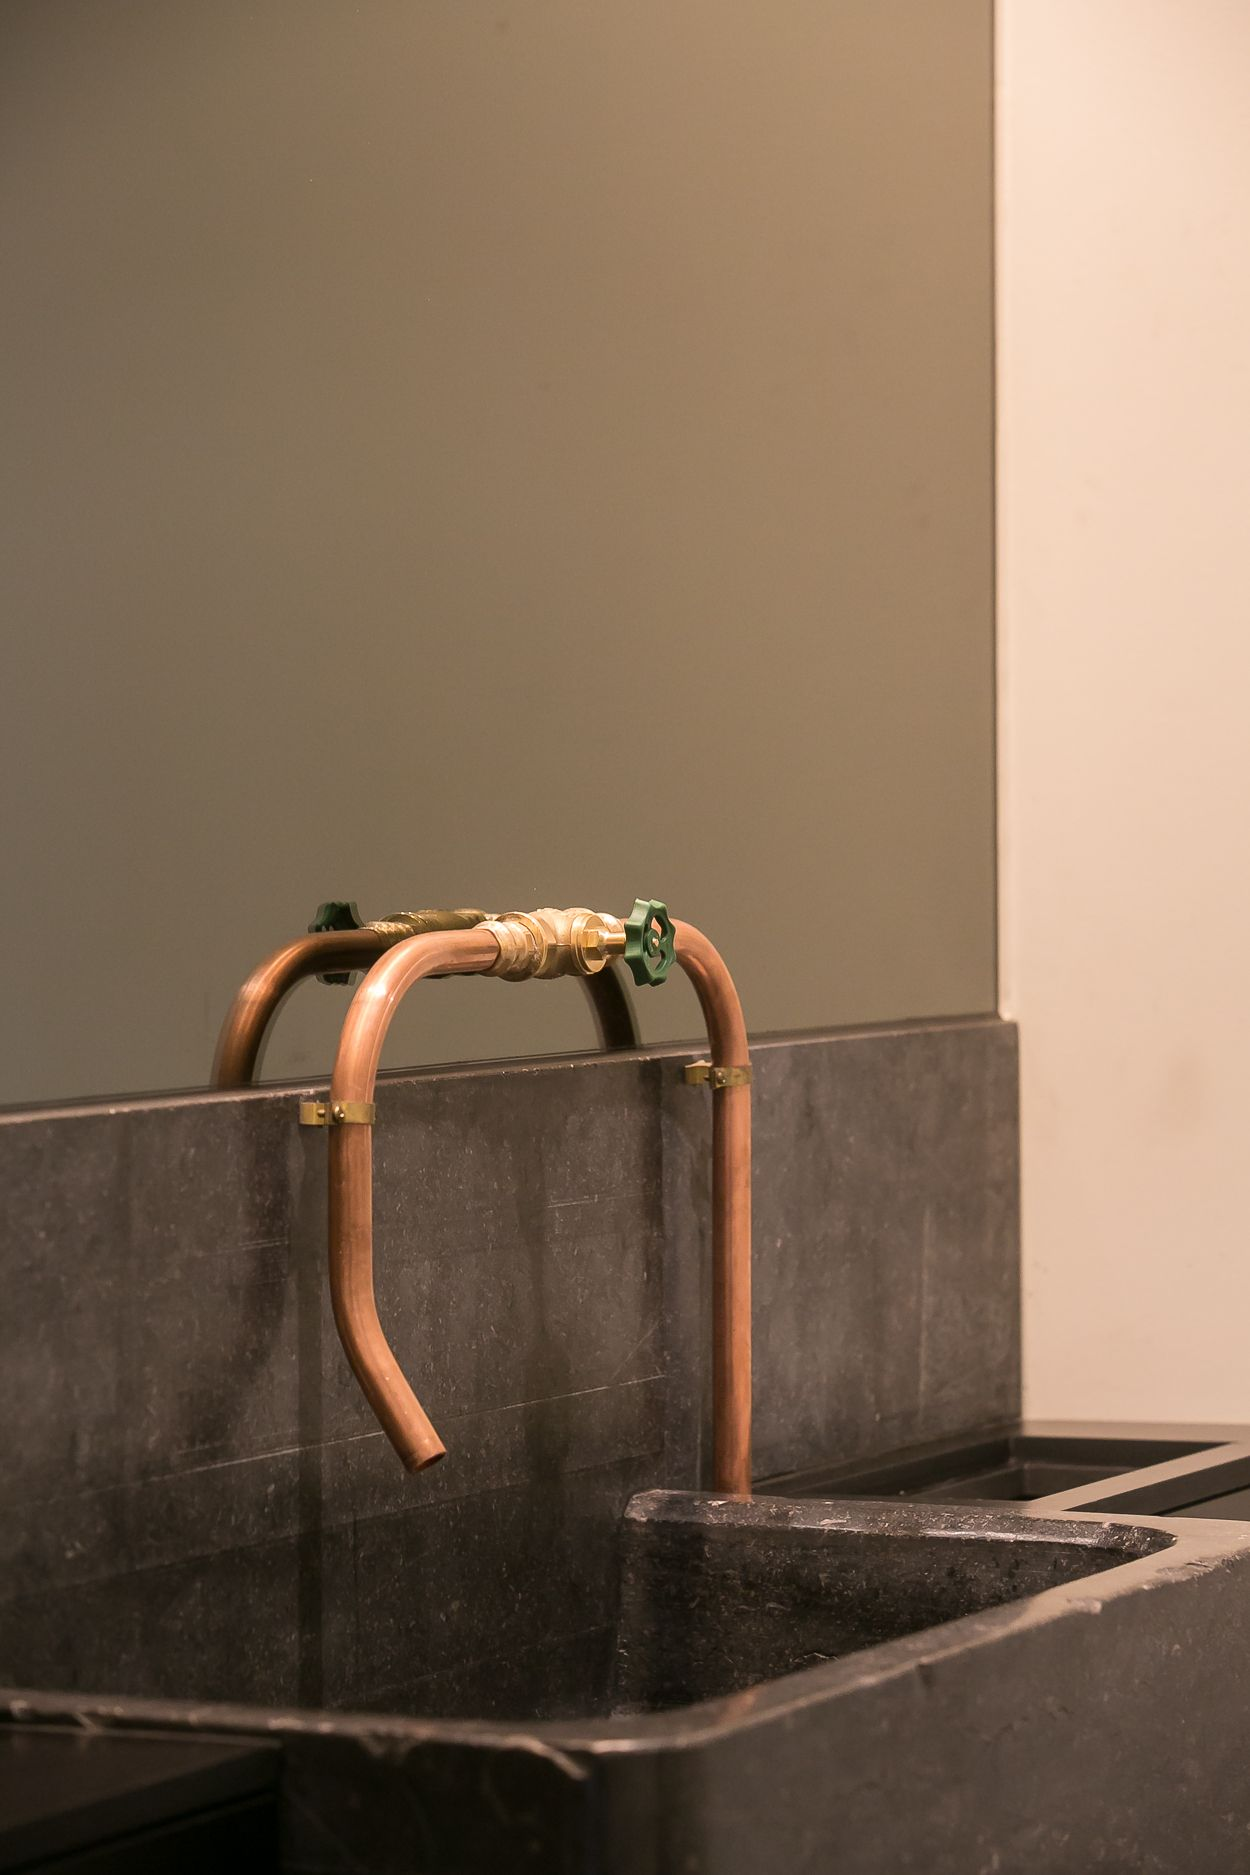 Meuble Salle De Bain Imandra Brico Depot ~ Sink And Faucet For Restaurant Va Et Vient By Chef Matthias